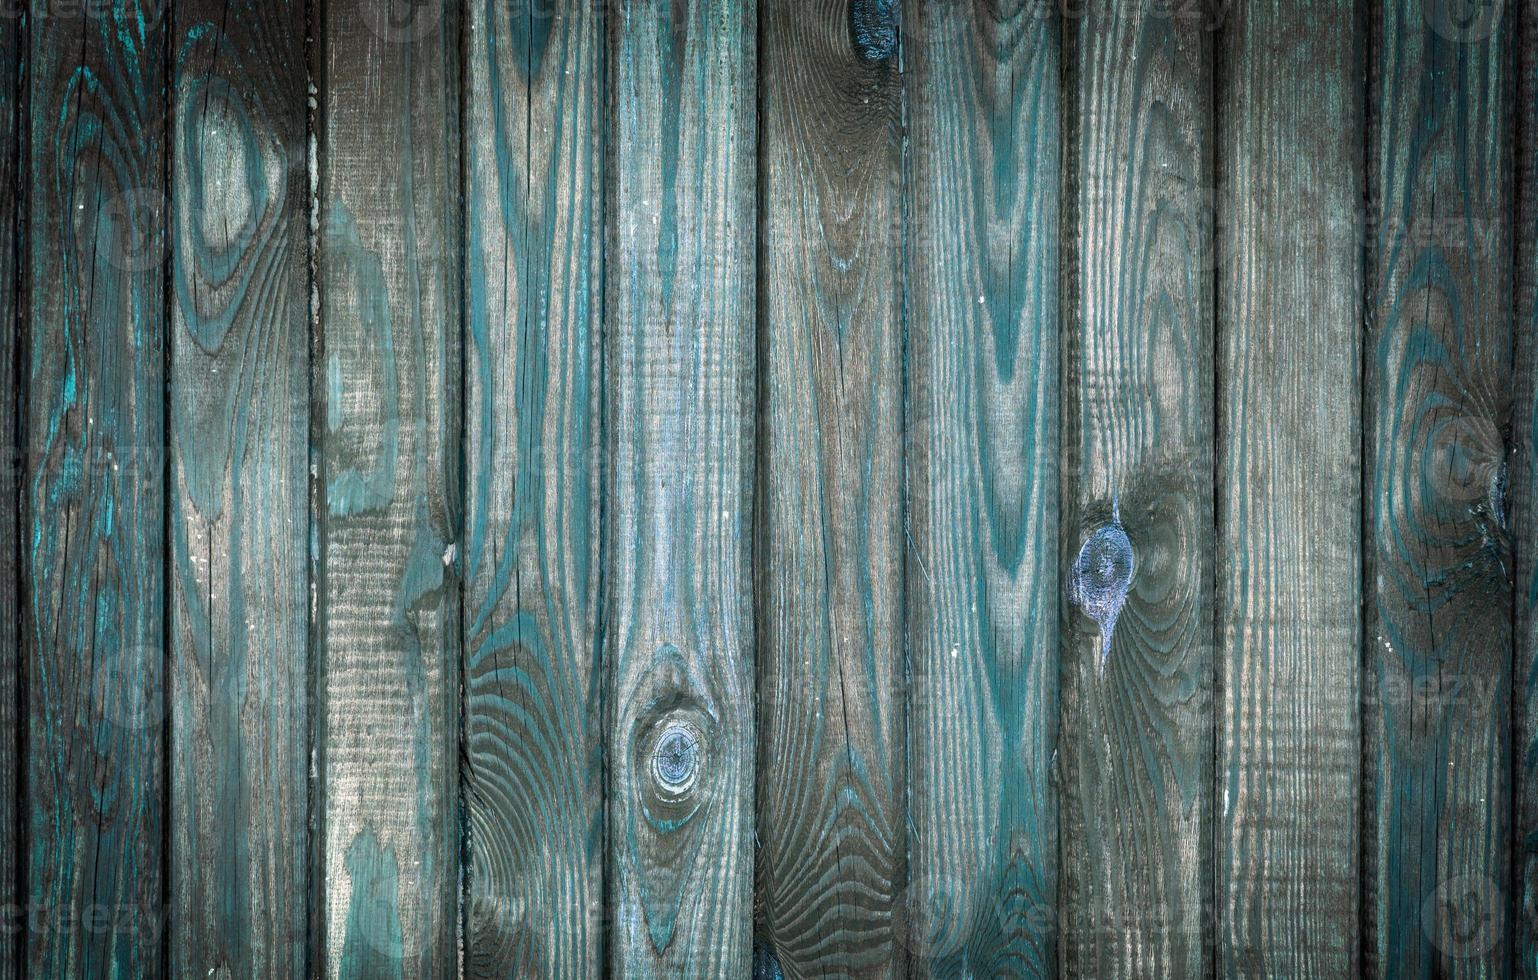 de houtstructuur met natuurlijke patronen foto